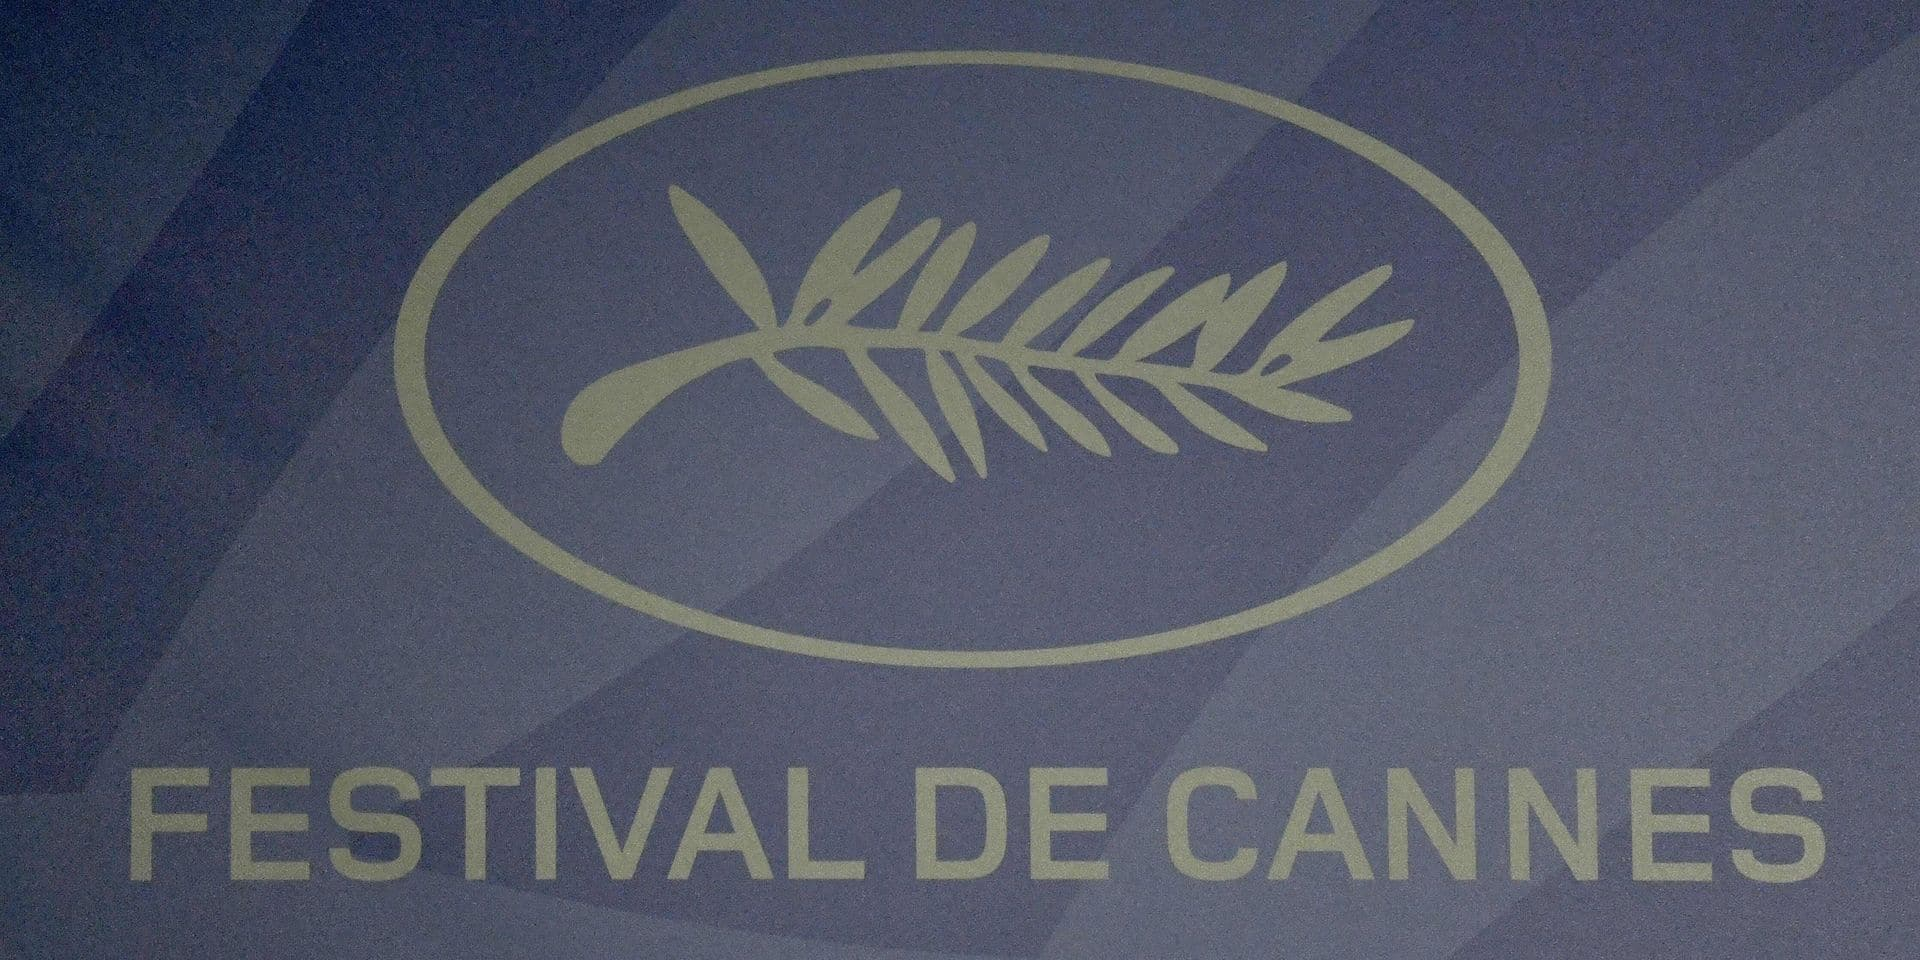 La pellicule reprend vigueur cet été: voici les grands festivals qui auront lieu ces prochains mois